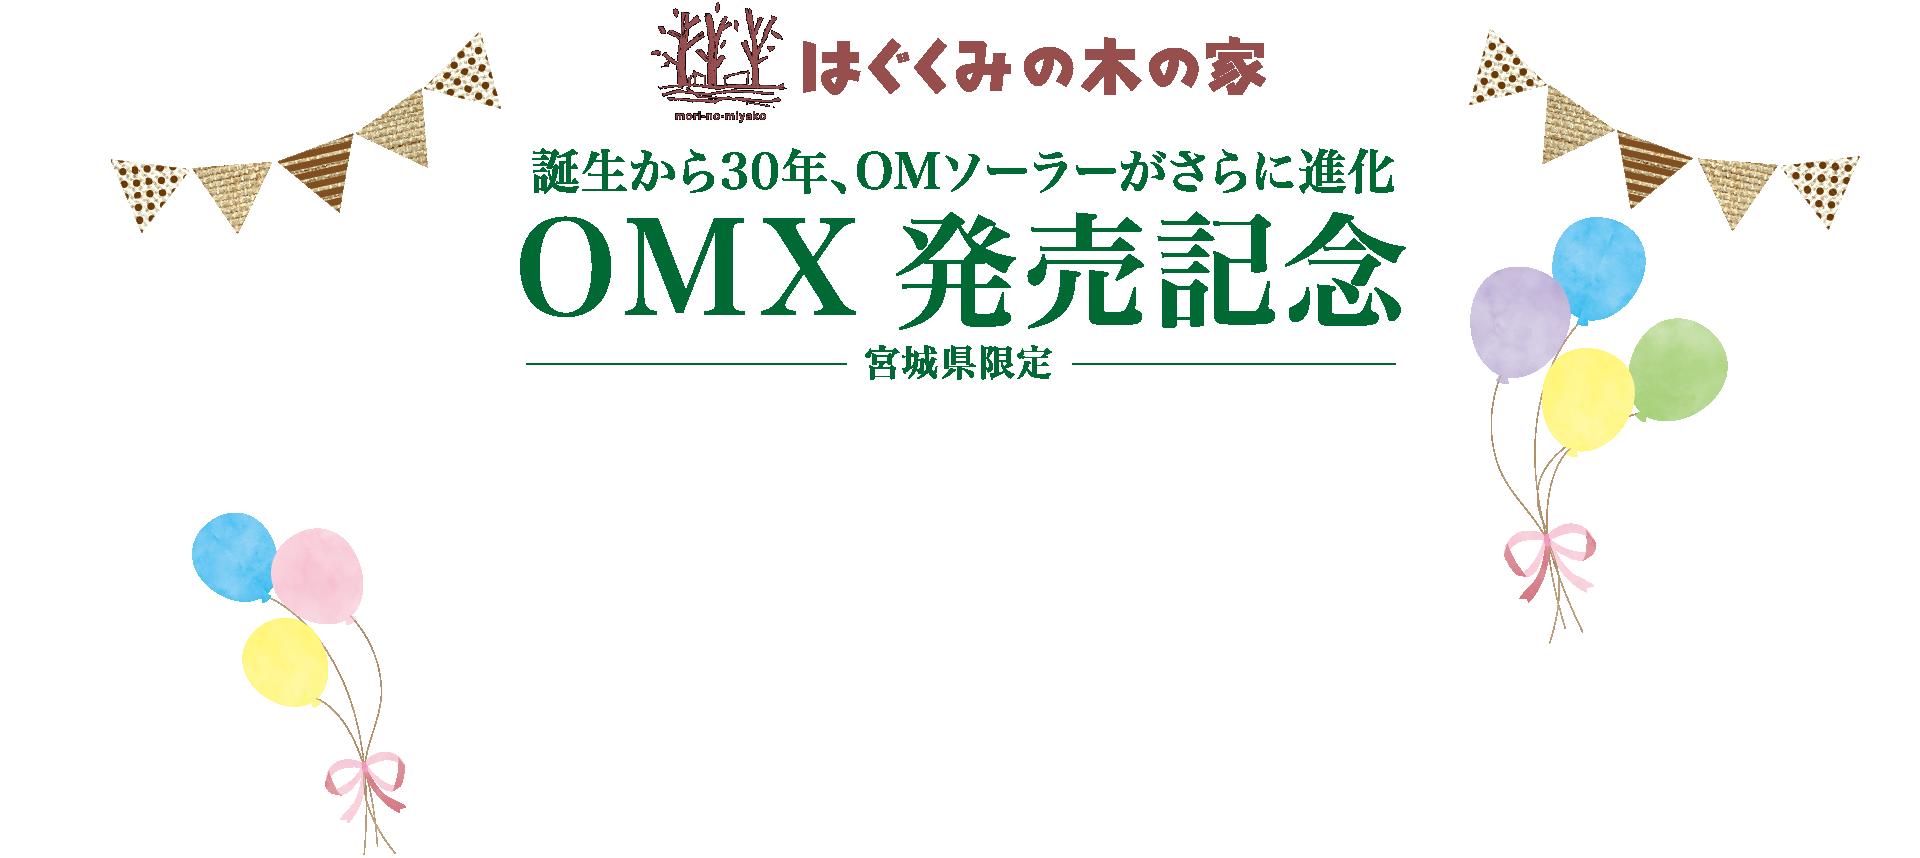 誕生から30年、OMソーラーがさらに進化 OMX発売記念 宮城県限定